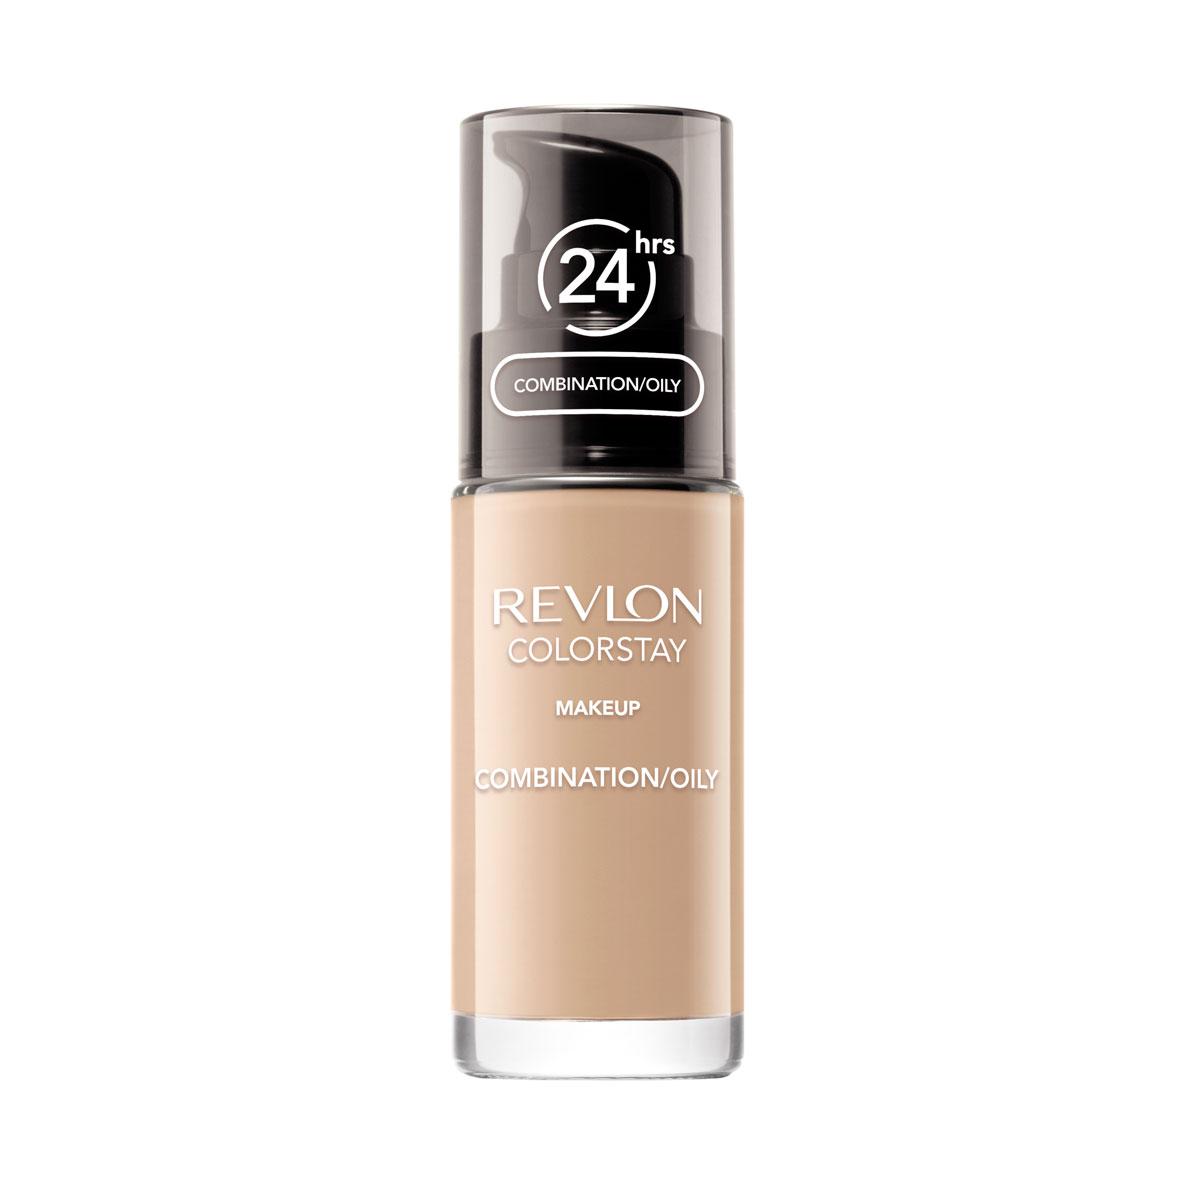 Revlon Тональный Крем для Комб-Жирн Кожи Colorstay Makeup For Combination-Oily Skin Buff 150 30 мл7221552002Make Up For Combination / Oily Skin - тональный крем с удивительно легкой текстурой идеально выравнивает тон и рельеф кожи, защищает от появления жирного блеска. Colorstay дарит коже приятную матовость, сохраняет макияж безупречным надолго.Новая технология поддерживает баланс кожи, обеспечивая свежий и естественный вид. Продукт номер 1 по стойкости, обеспечивает идеальное покрытие в течение 24 часов без повторного нанесения! Предназначен для смешанной и жирной кожи.